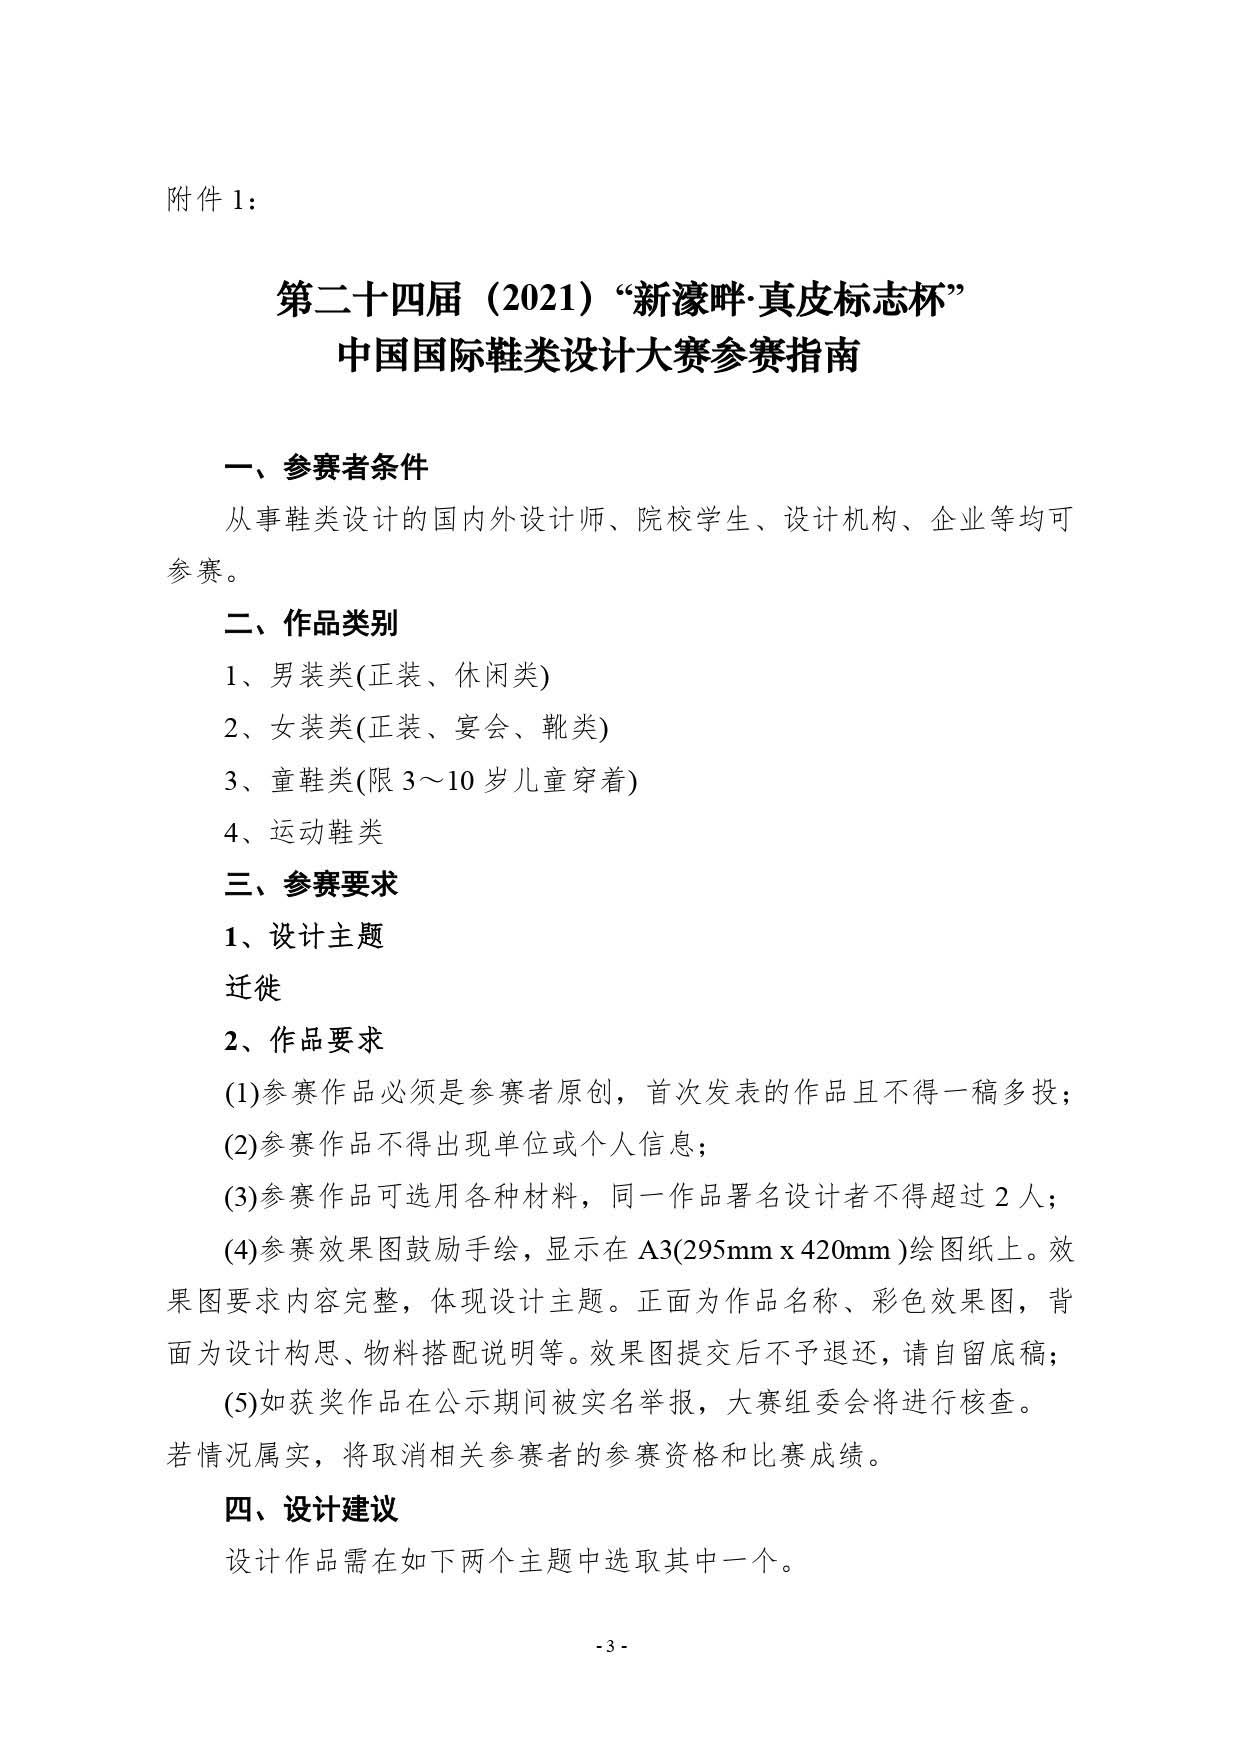 第二十四届(2021)真皮标志杯鞋类大赛通知2020.11.25.印刷版_page-0003.jpg